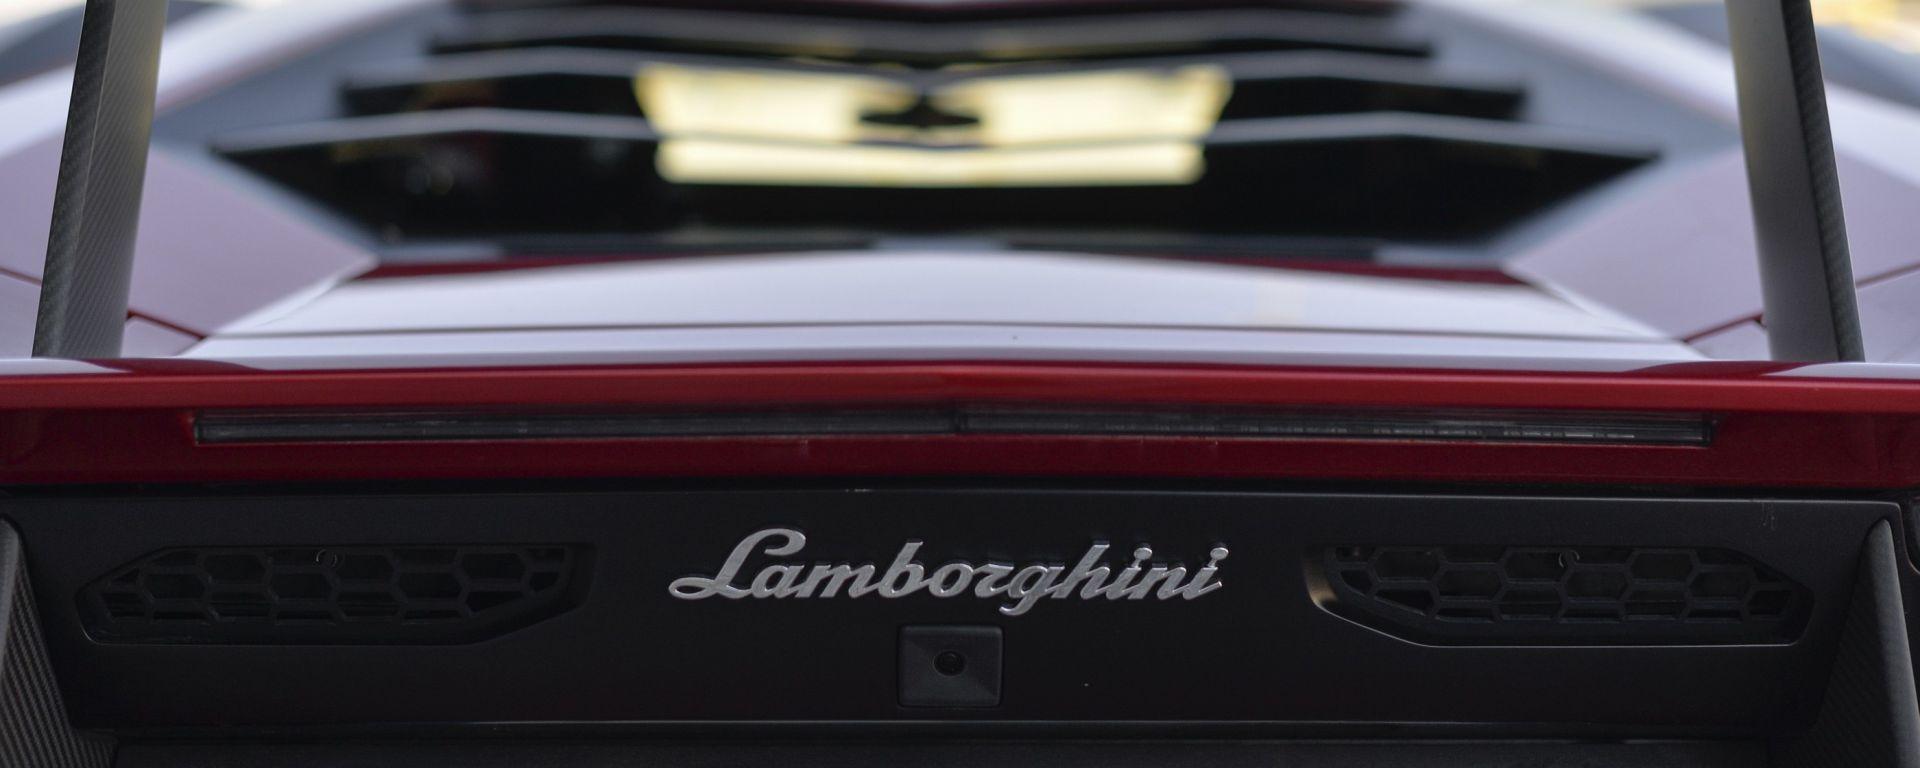 Lamborghini Huracàn e Aventador: nel futuro c'è l'ibrido, ma non il turbo